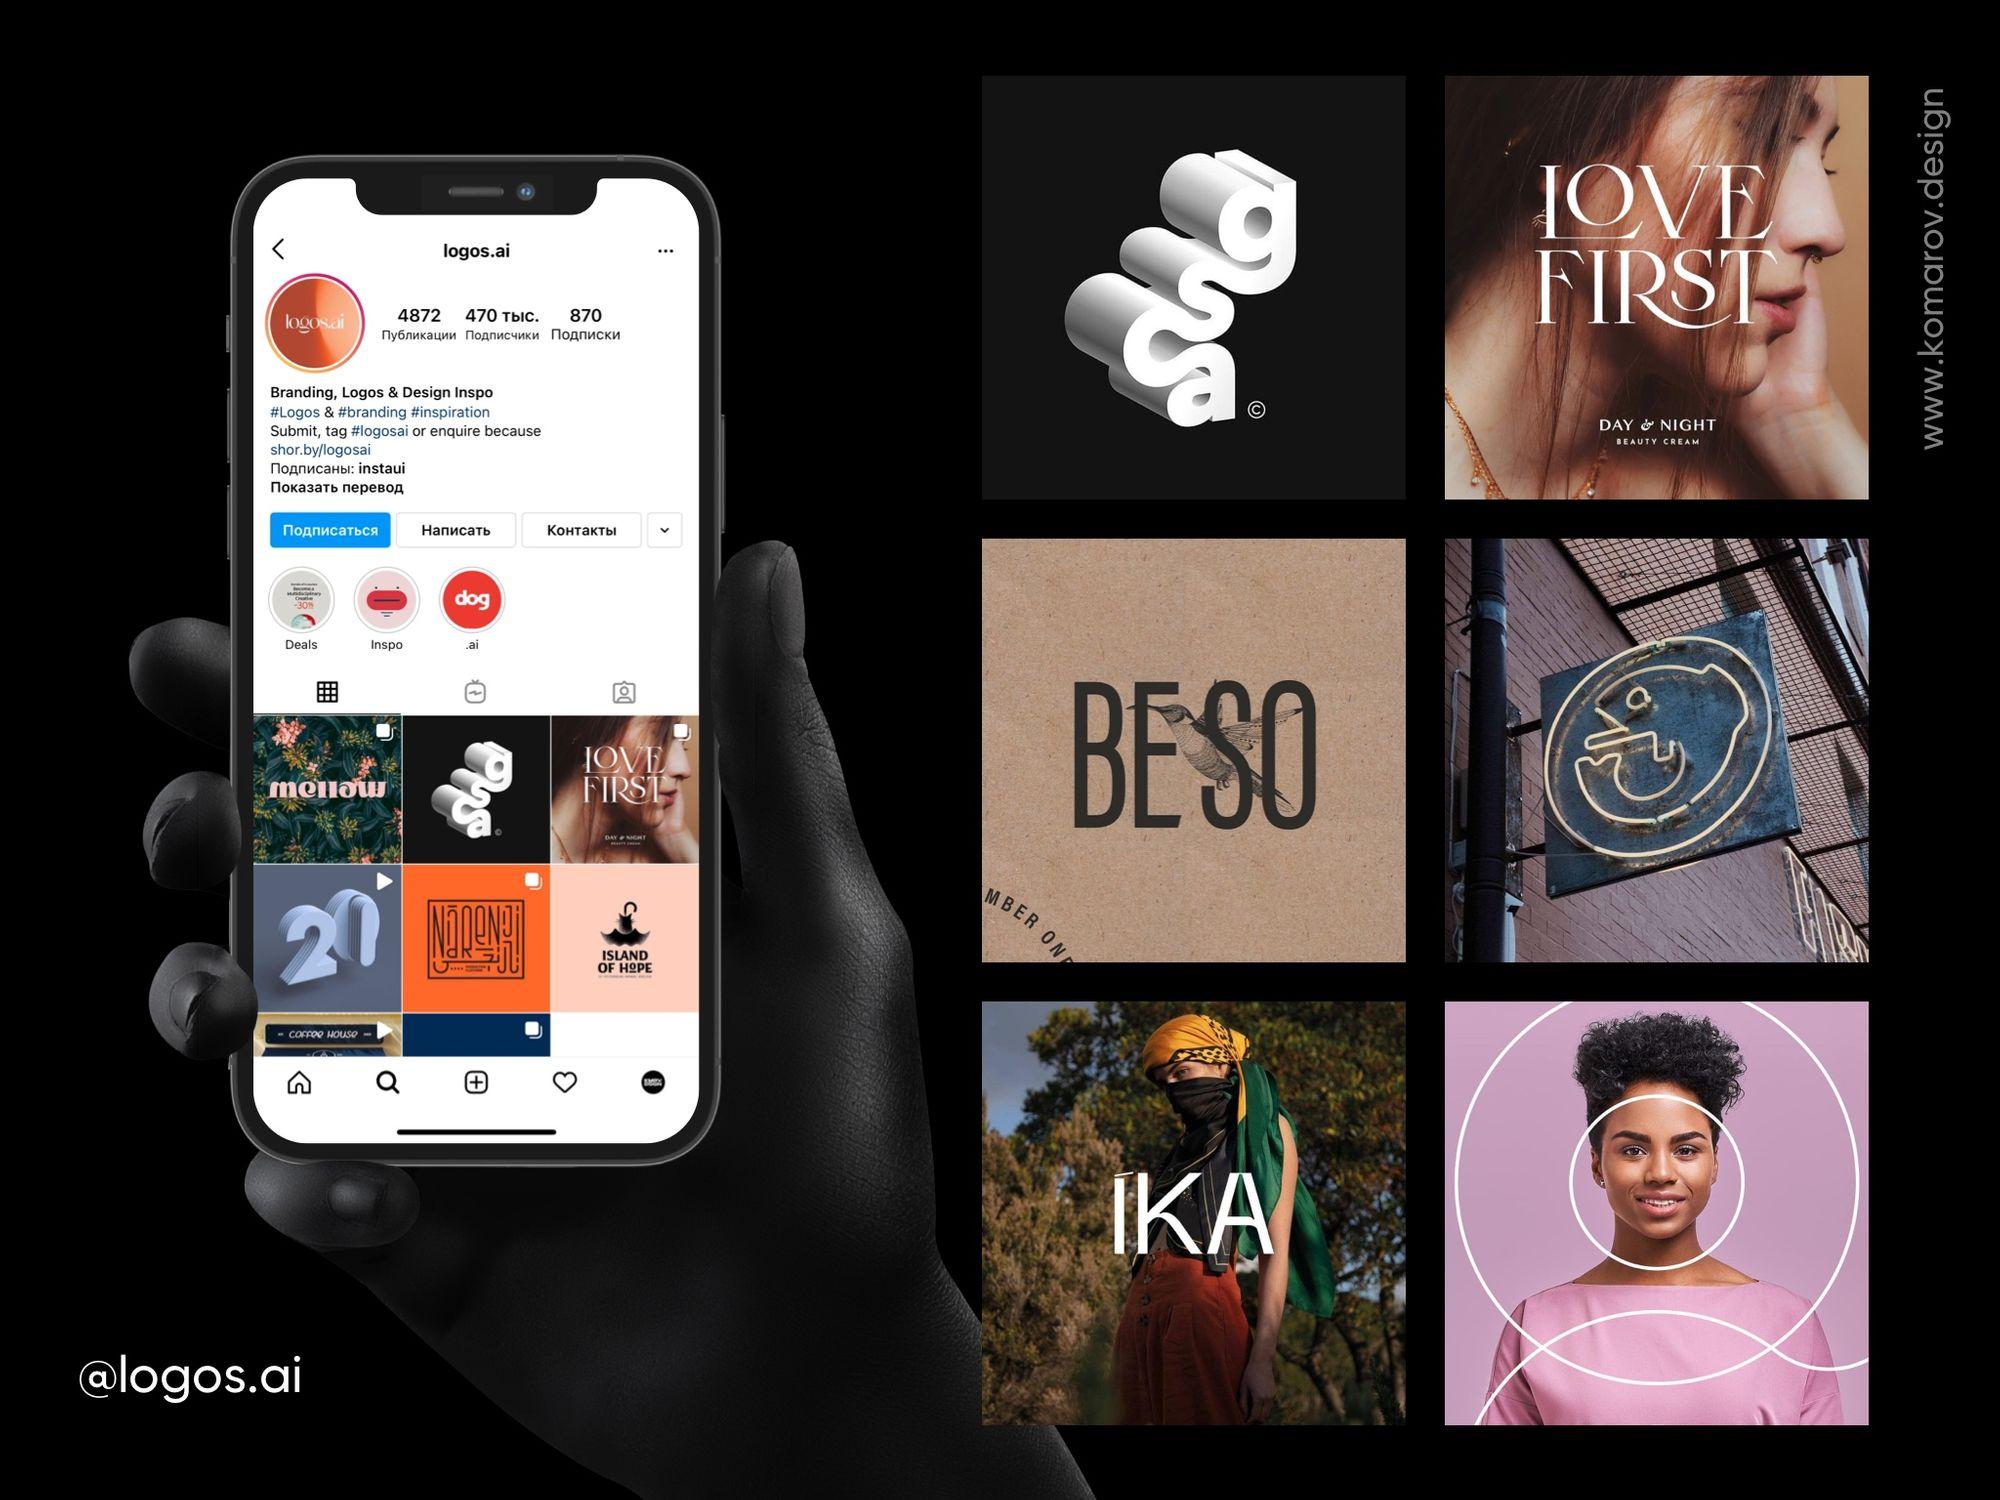 Инстаграм-аккаунт с красивыми логотипами